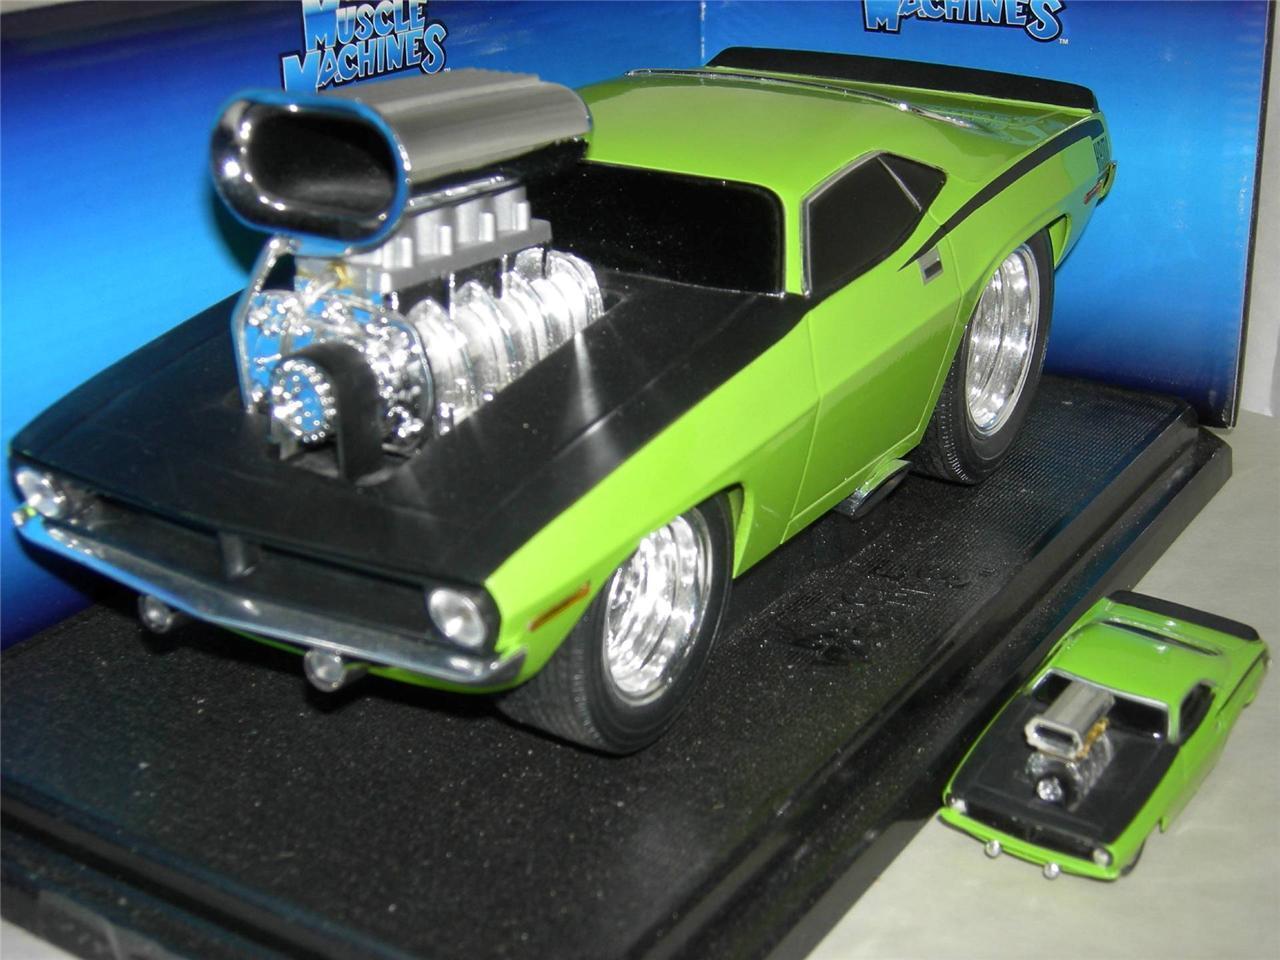 70 Kit de TI Cuda de construir Lite verde 1 64 y 1 18 coches escala Musc. mach.MIB1 18